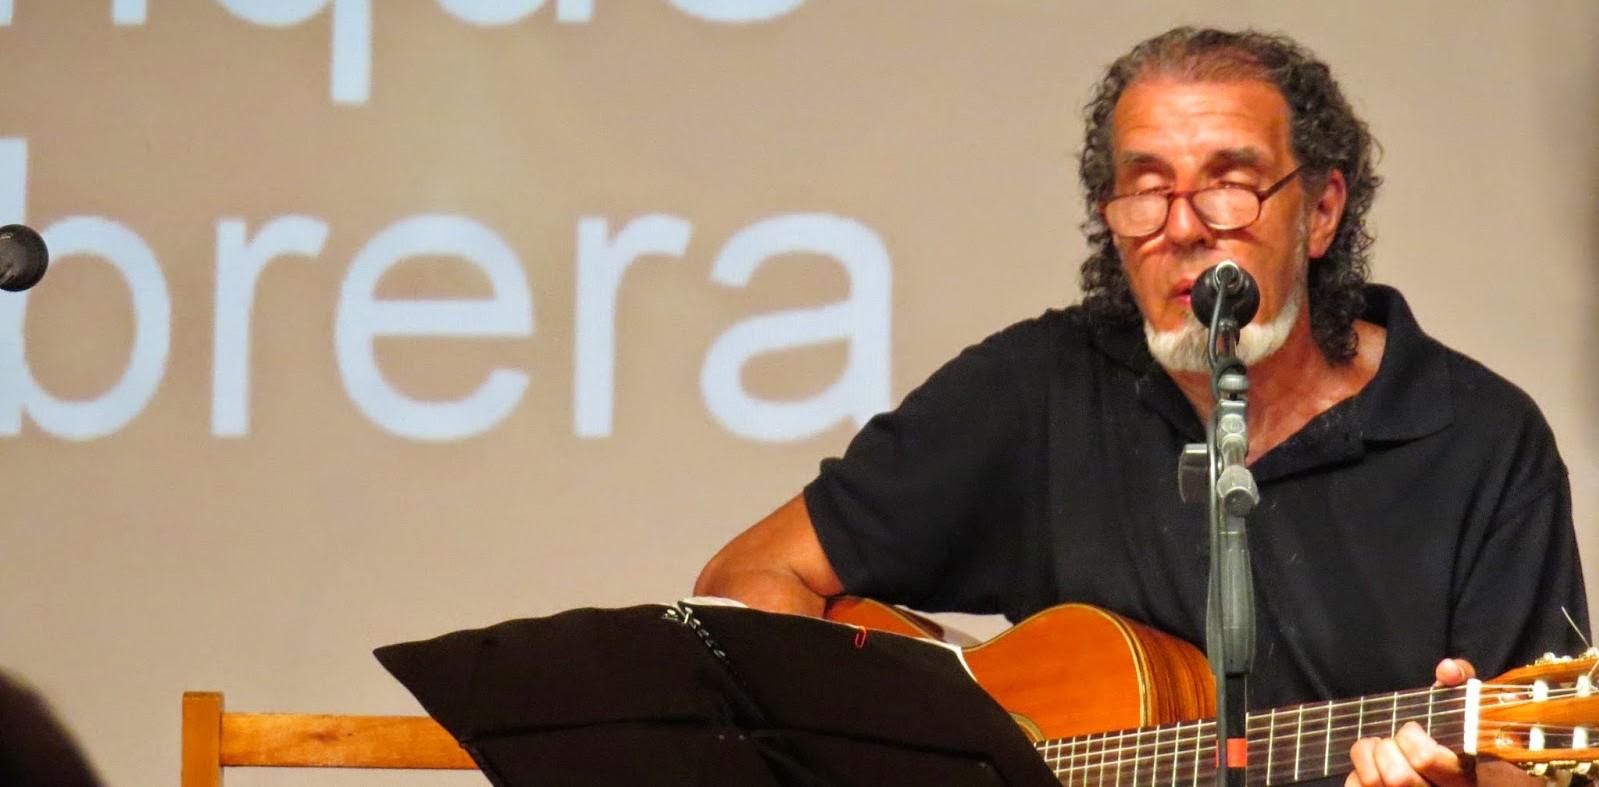 El músico Enrique Cabrera hoy en La Paloma!